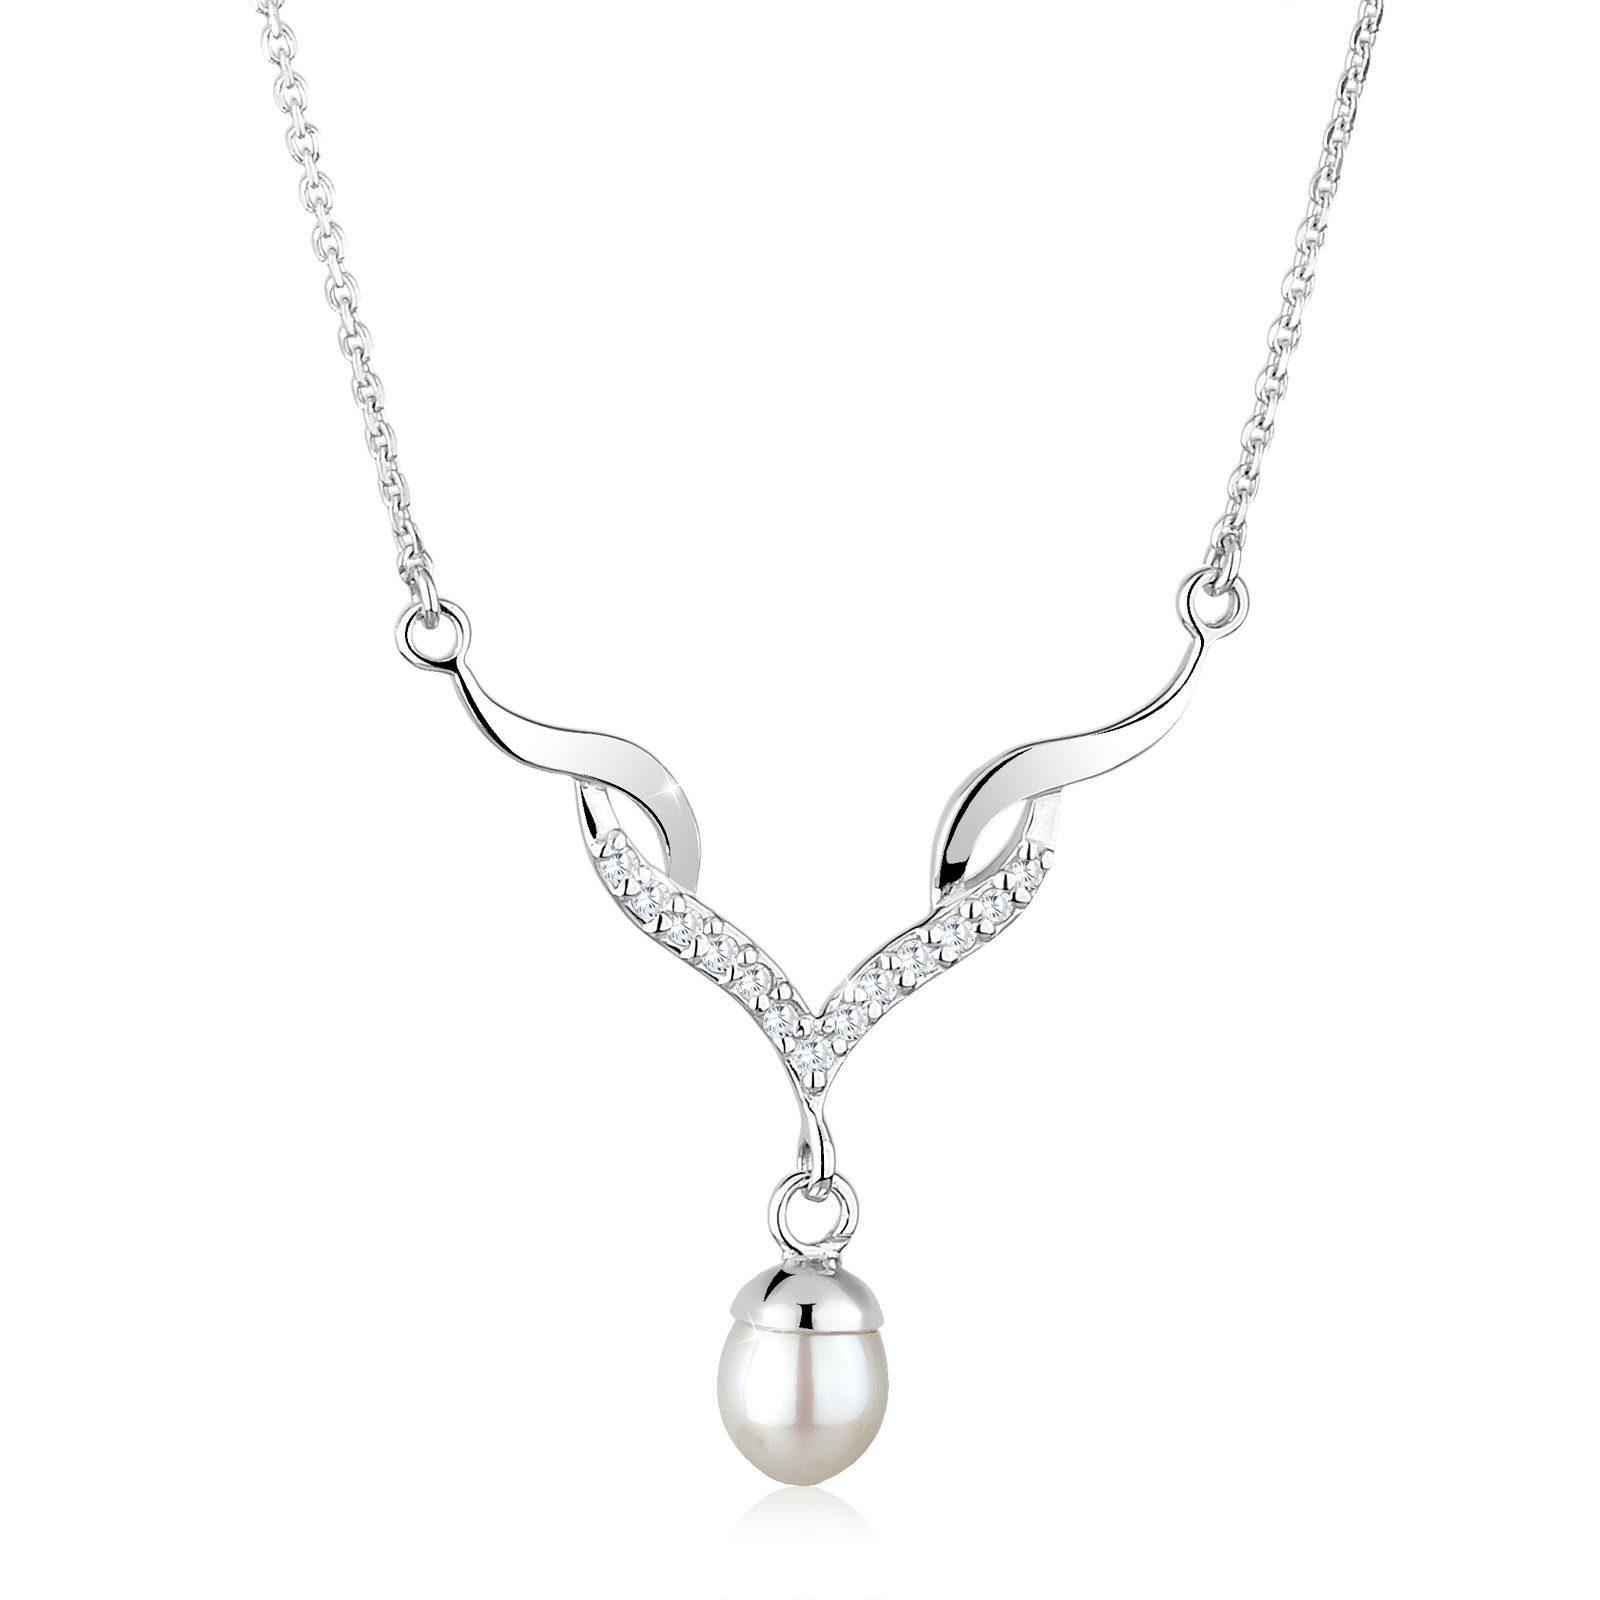 Perlu Halskette »Festlich Perle Zirkonia 925 Sterling Silber«